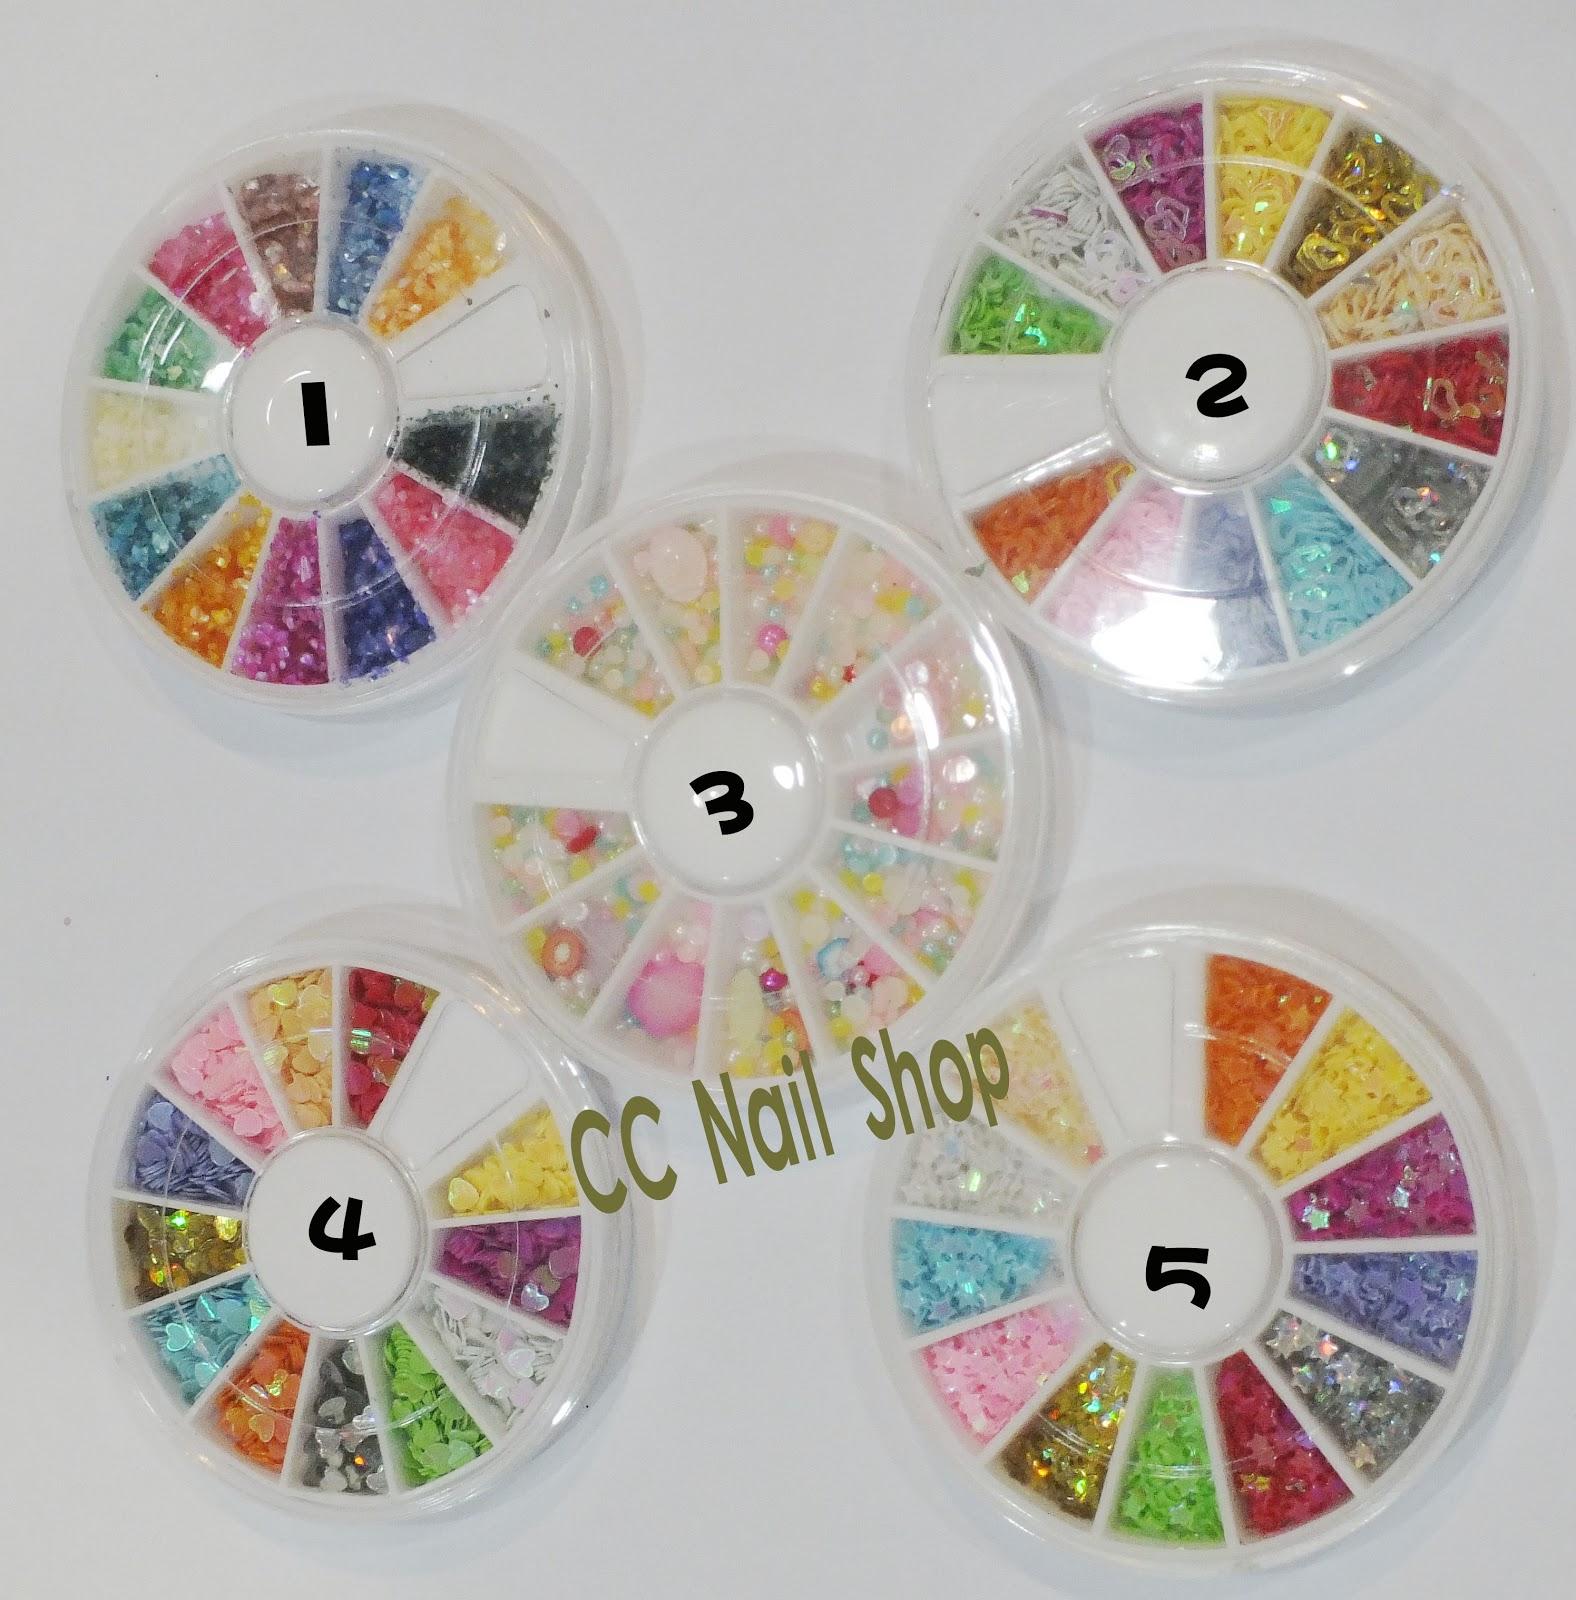 CC Nail Art Shop: Nail decoration wheels